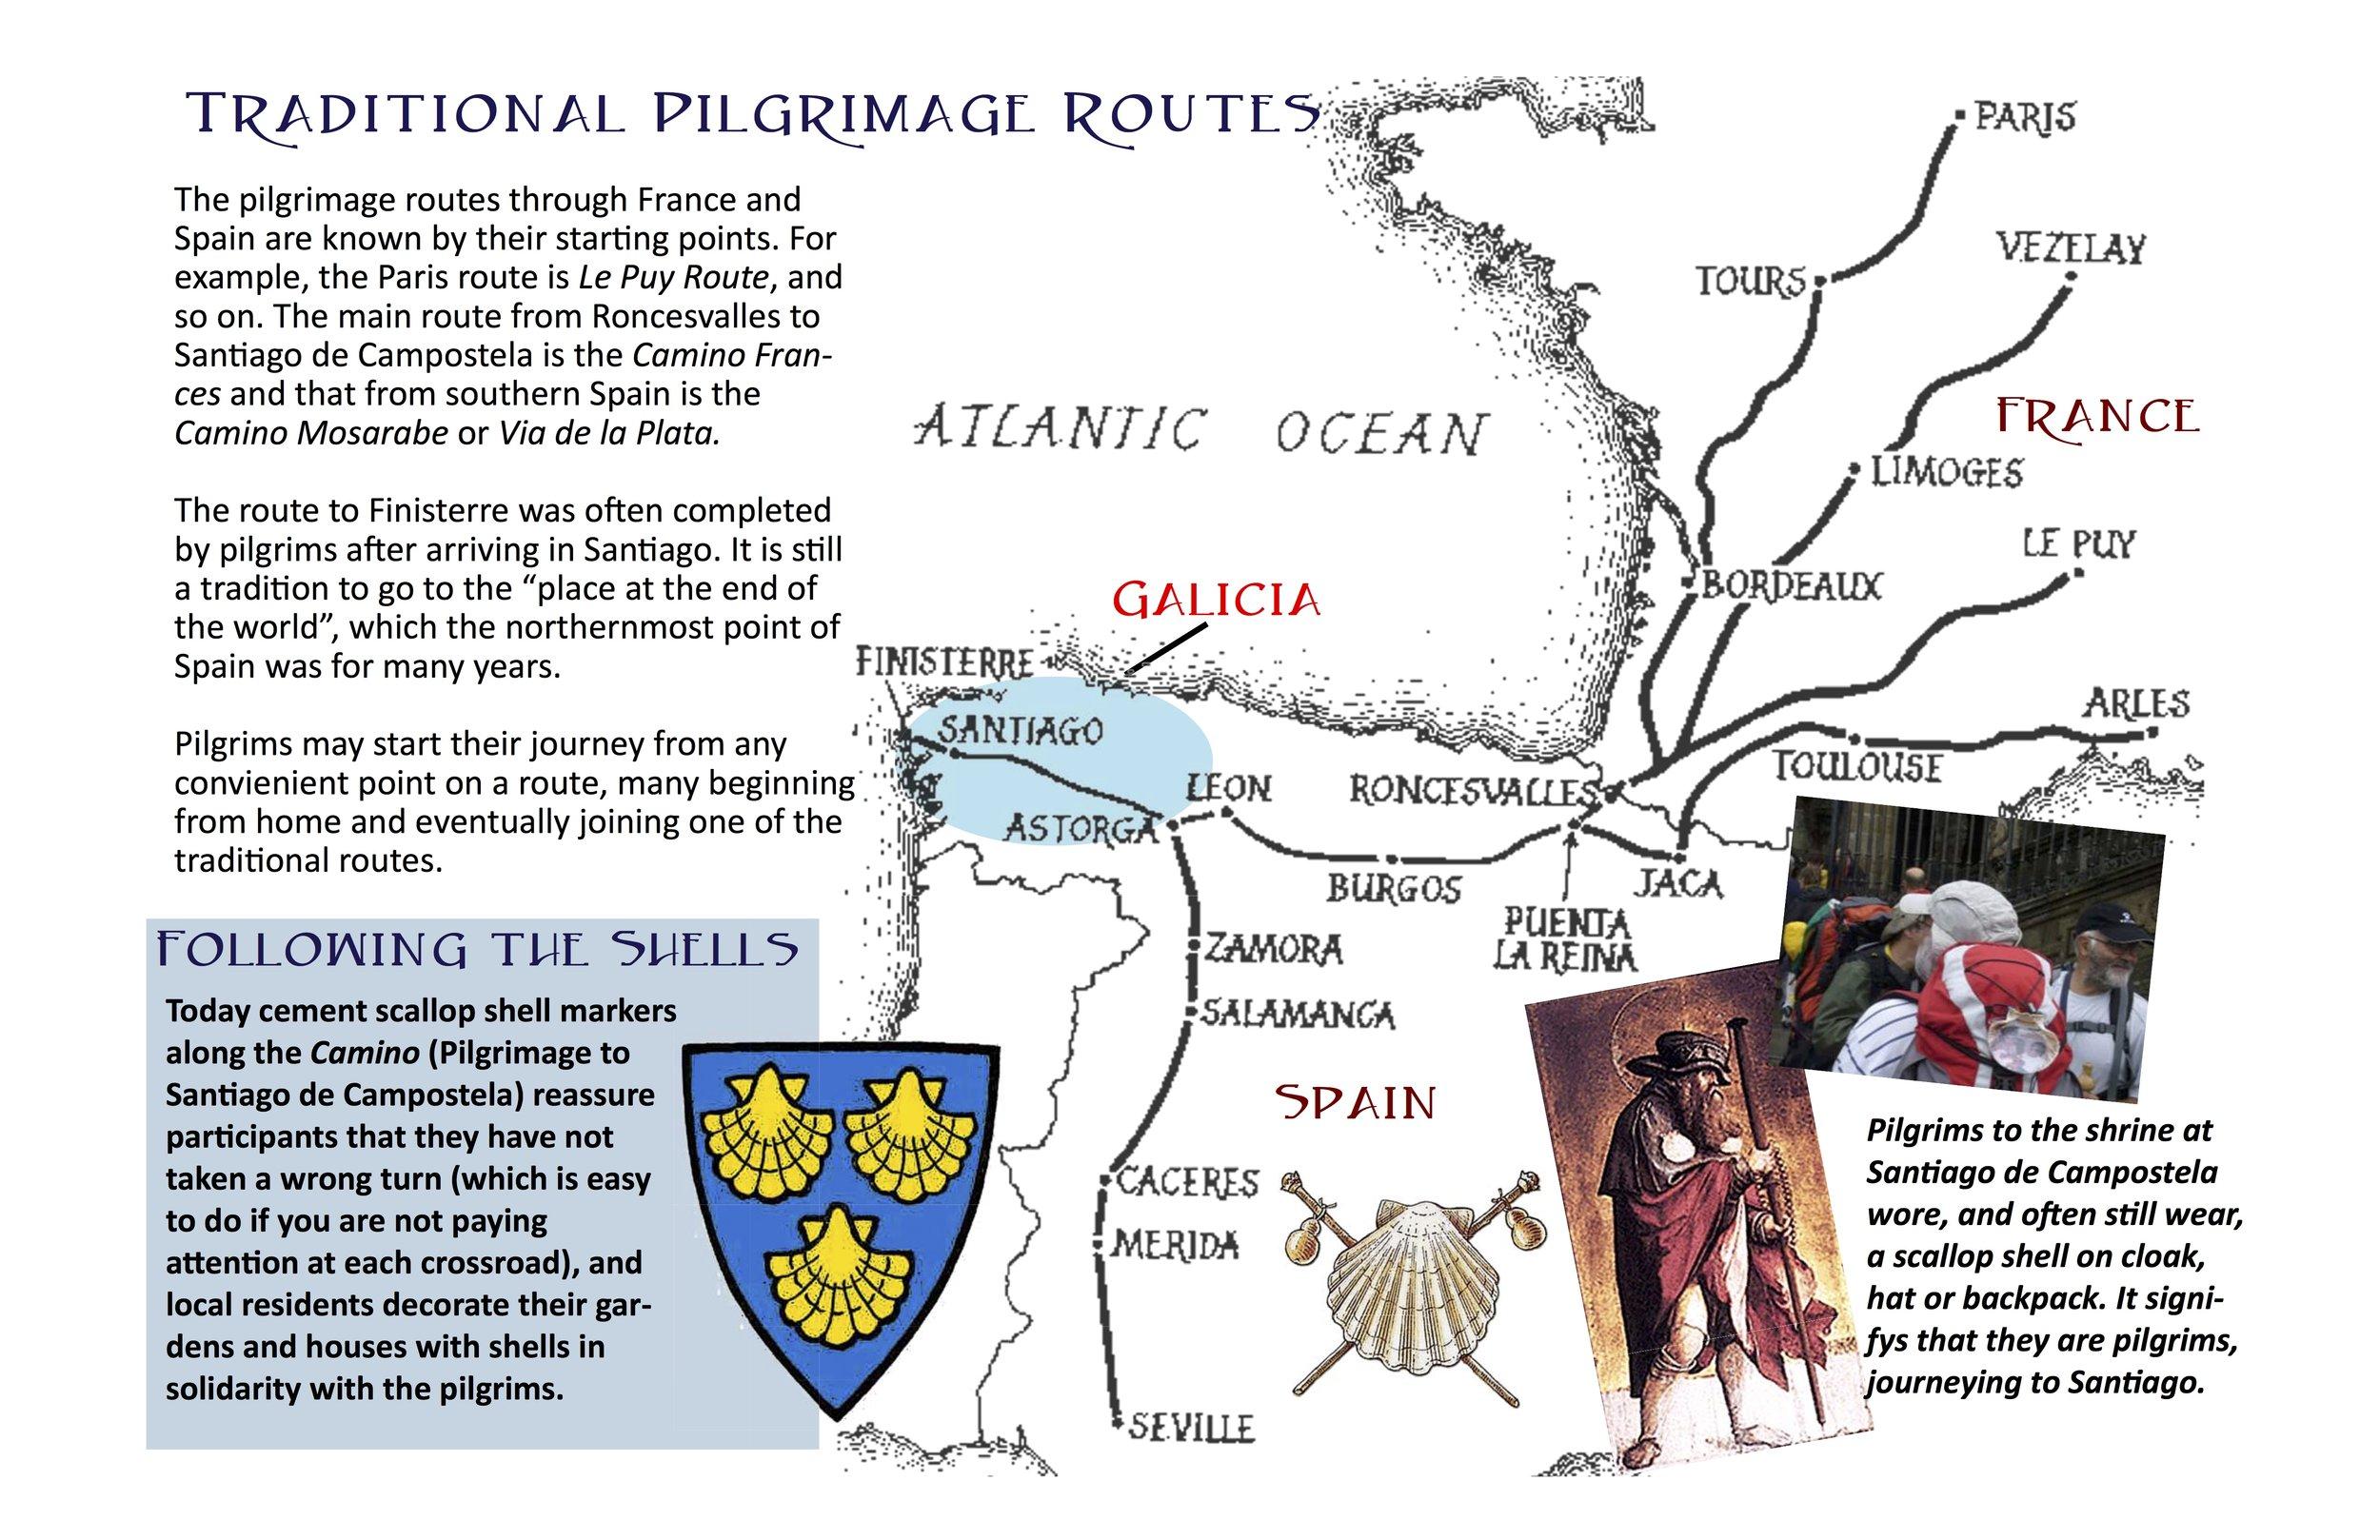 Galicia • Pilgrimage to Santiago de Campostela